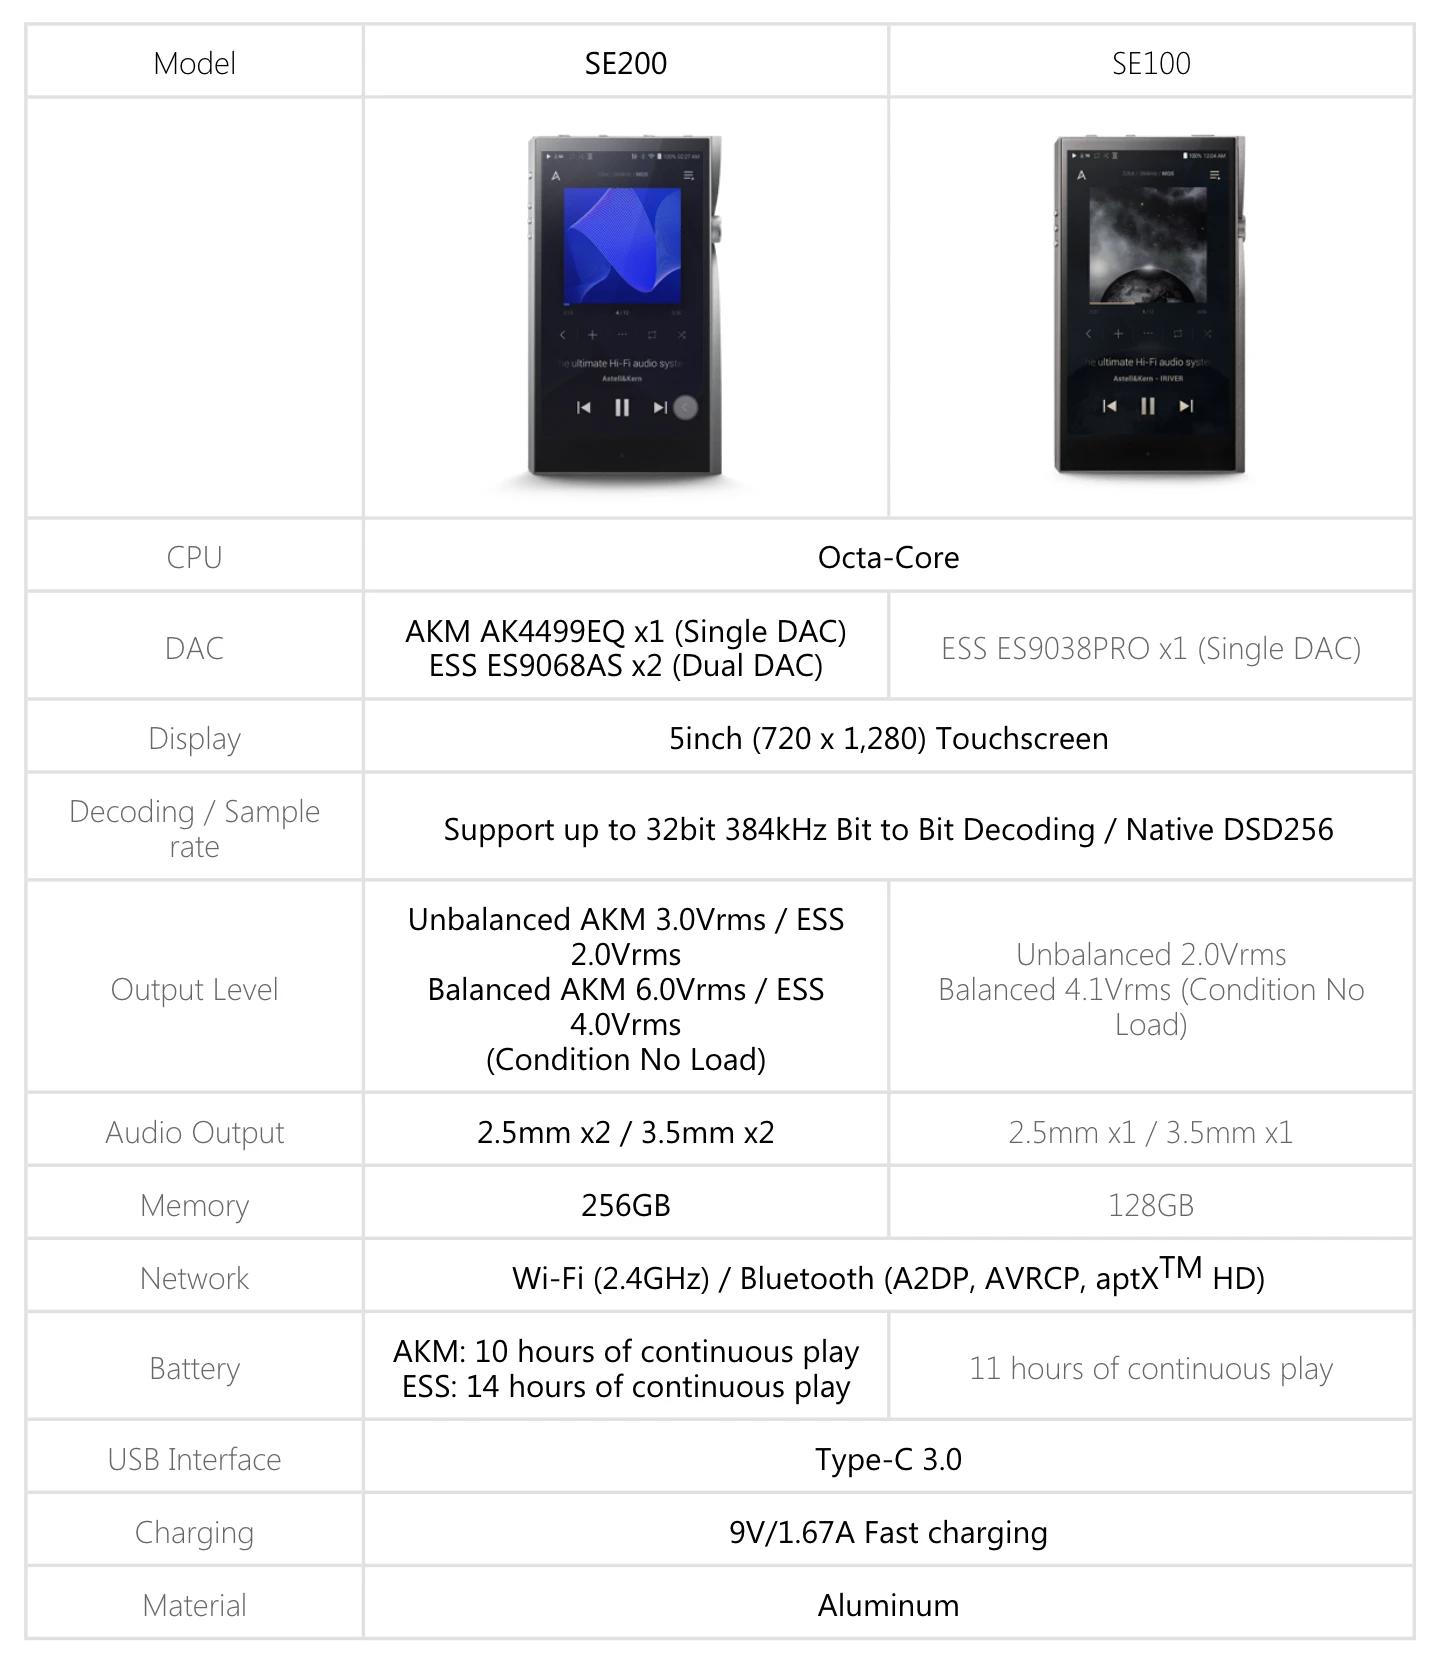 A&futura SE100 vs SE 200 specs